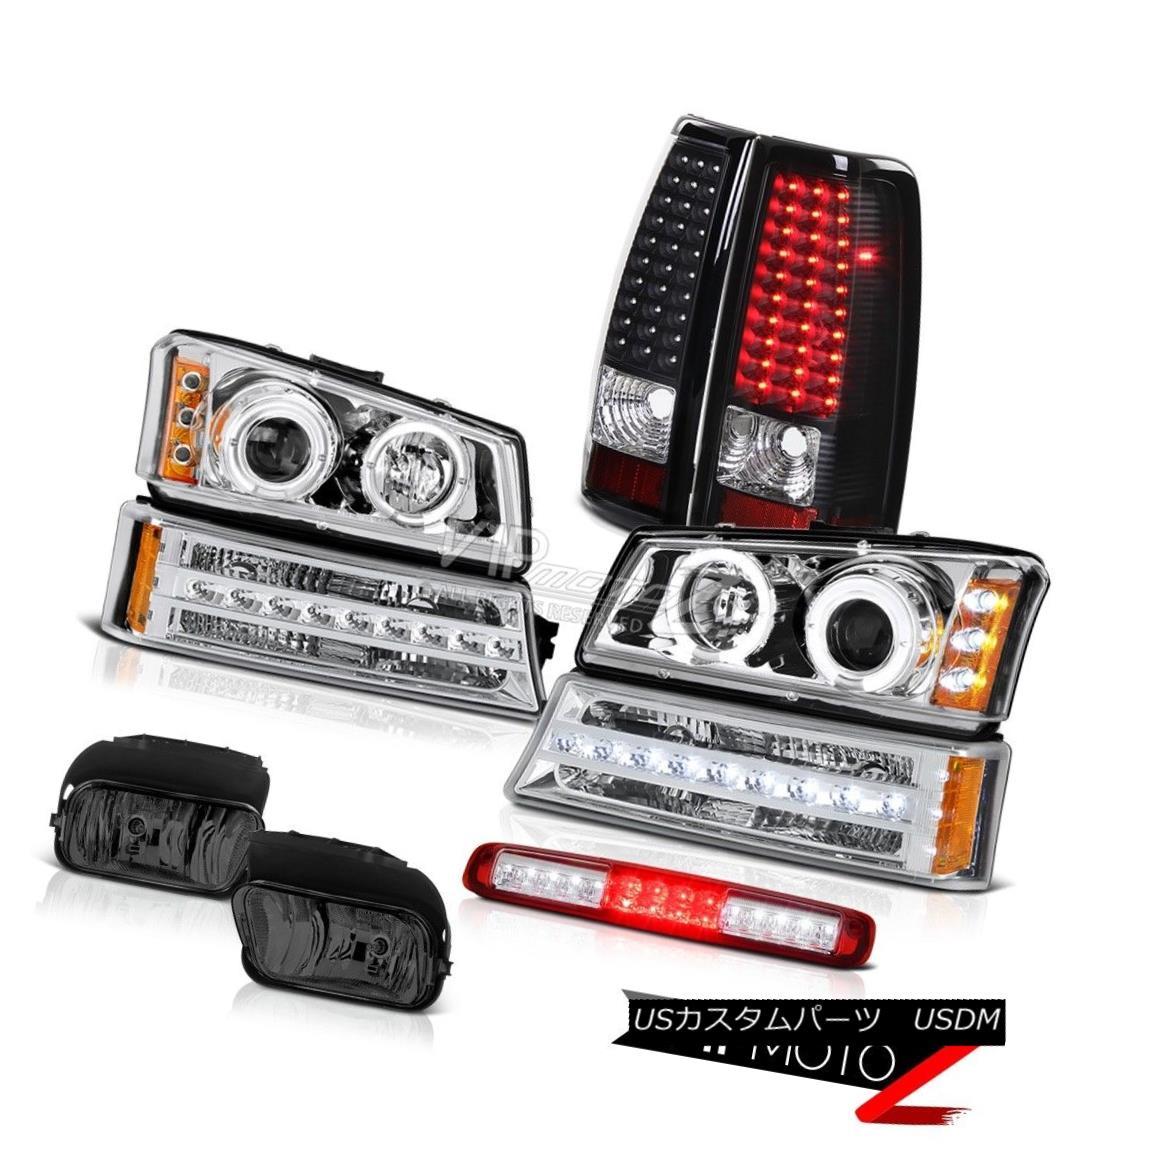 ヘッドライト 2003-2006 Silverado Foglamps 3RD Brake Lamp Parking Headlamps Black Tail Lights 2003-2006 Silverado Foglamps 3RDブレーキランプパーキングヘッドランプブラックテールライト